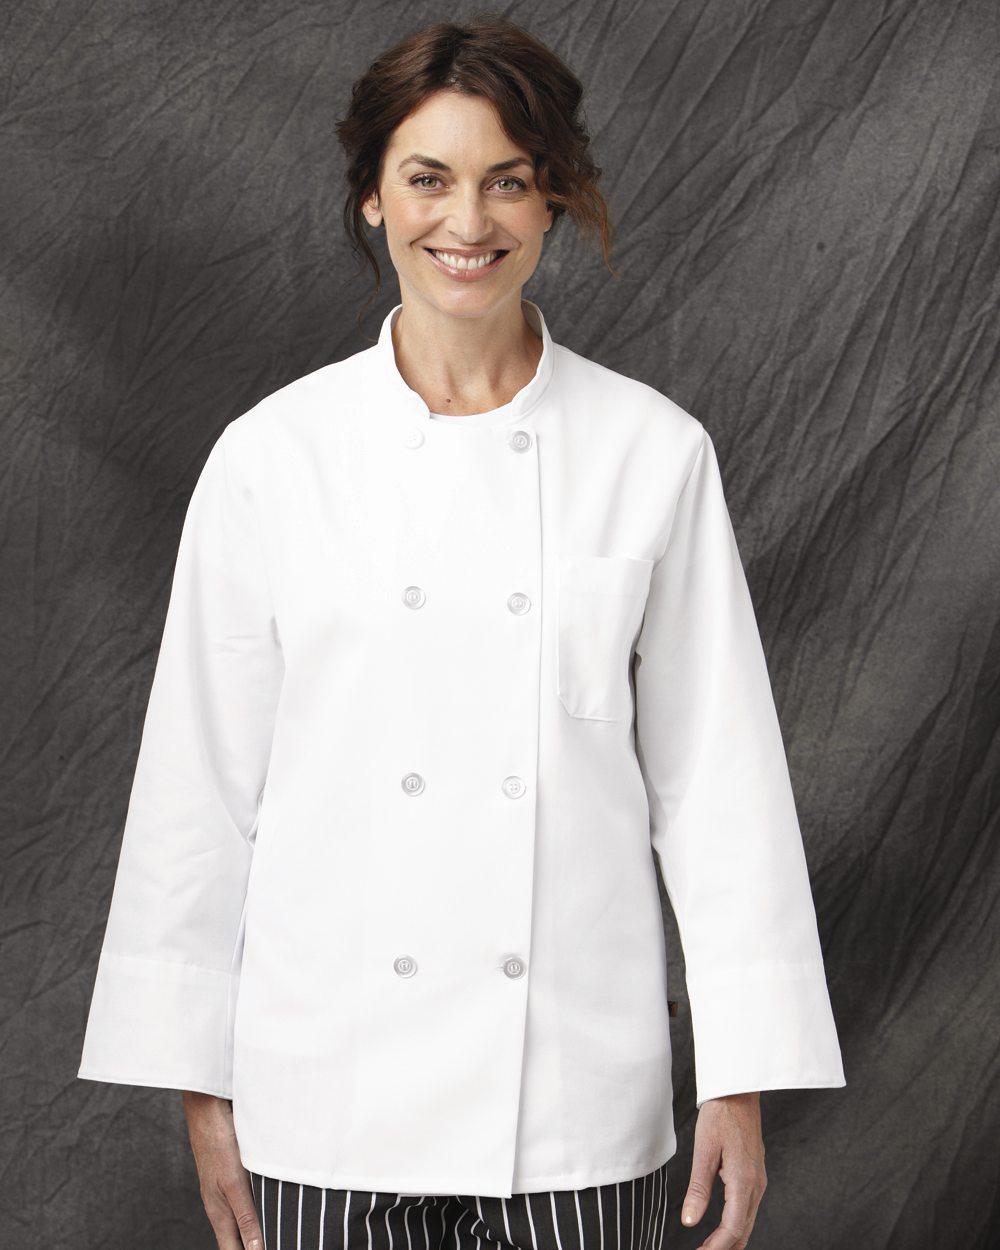 Chef Designs 0403 Eight Pearl Button Chef Coat